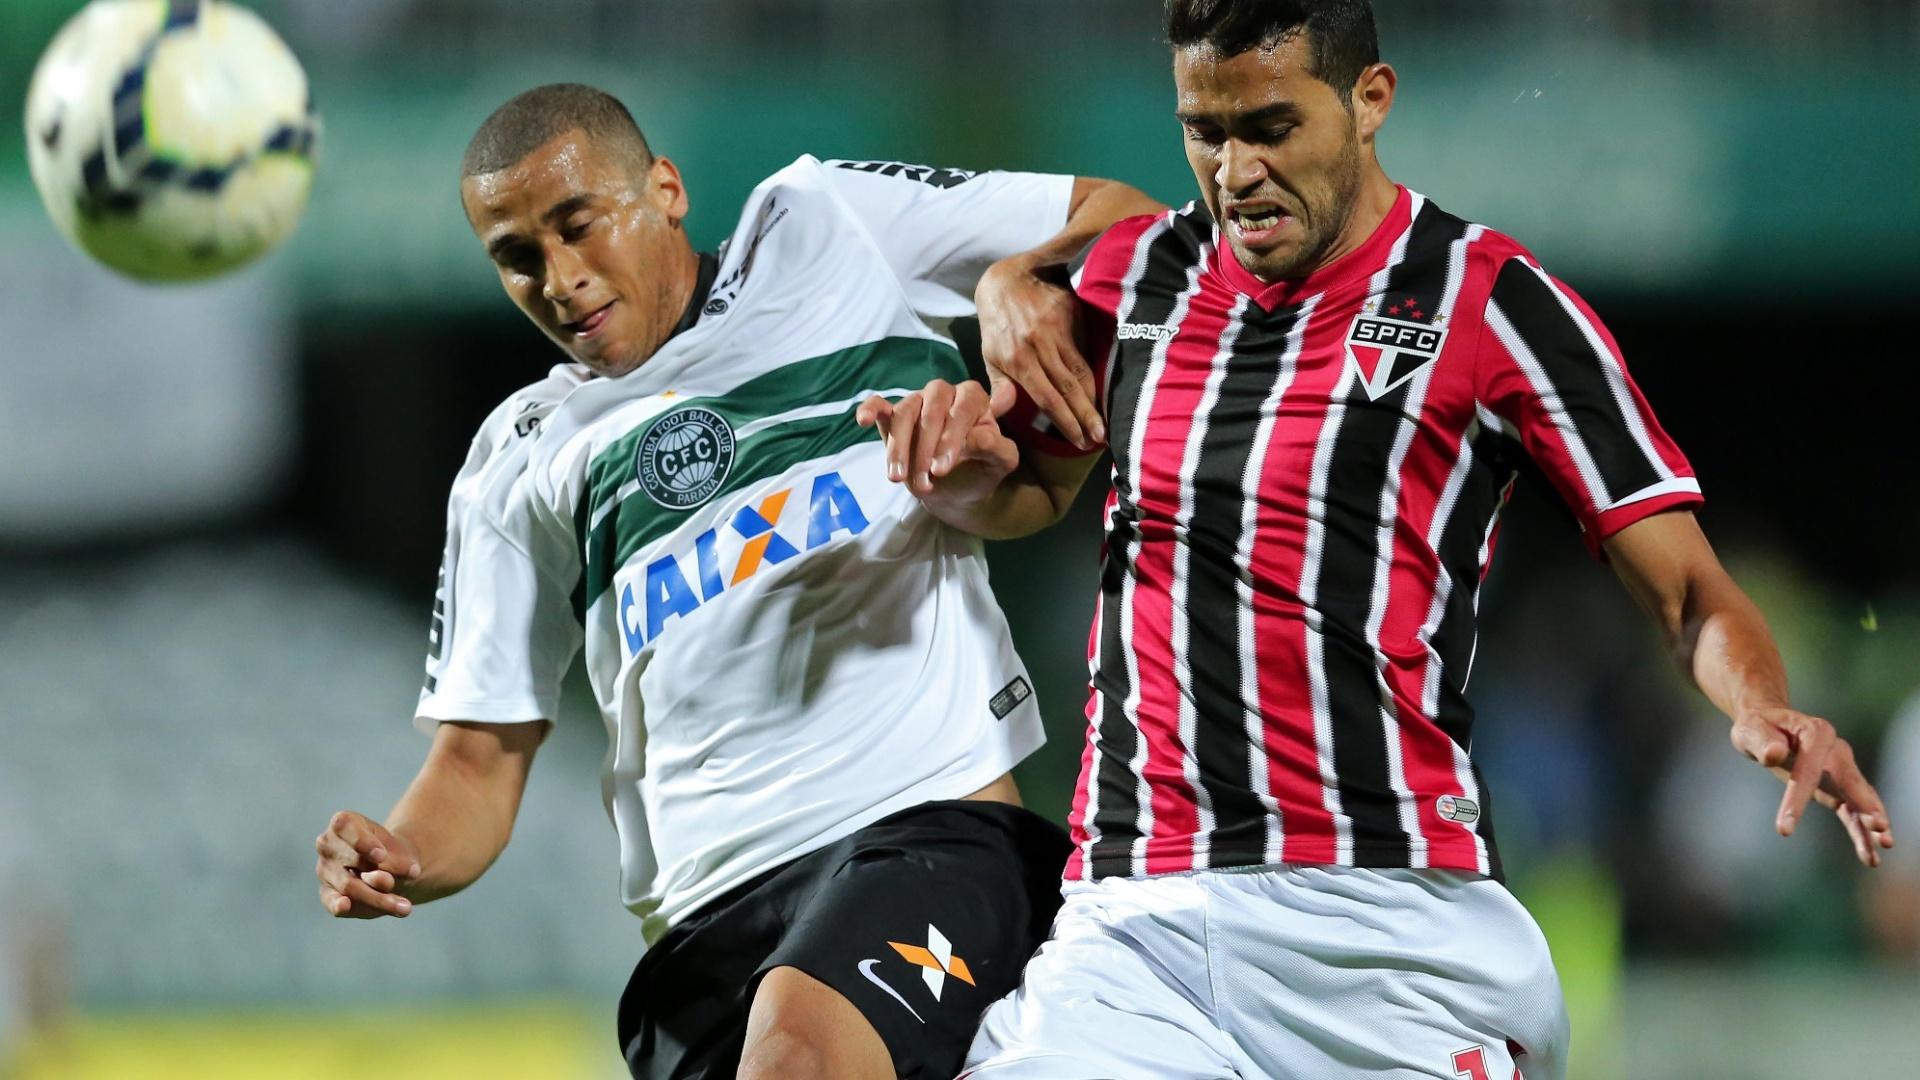 Alan Kardec tenta ganhar a bola para o São Paulo no jogo contra o Coritiba